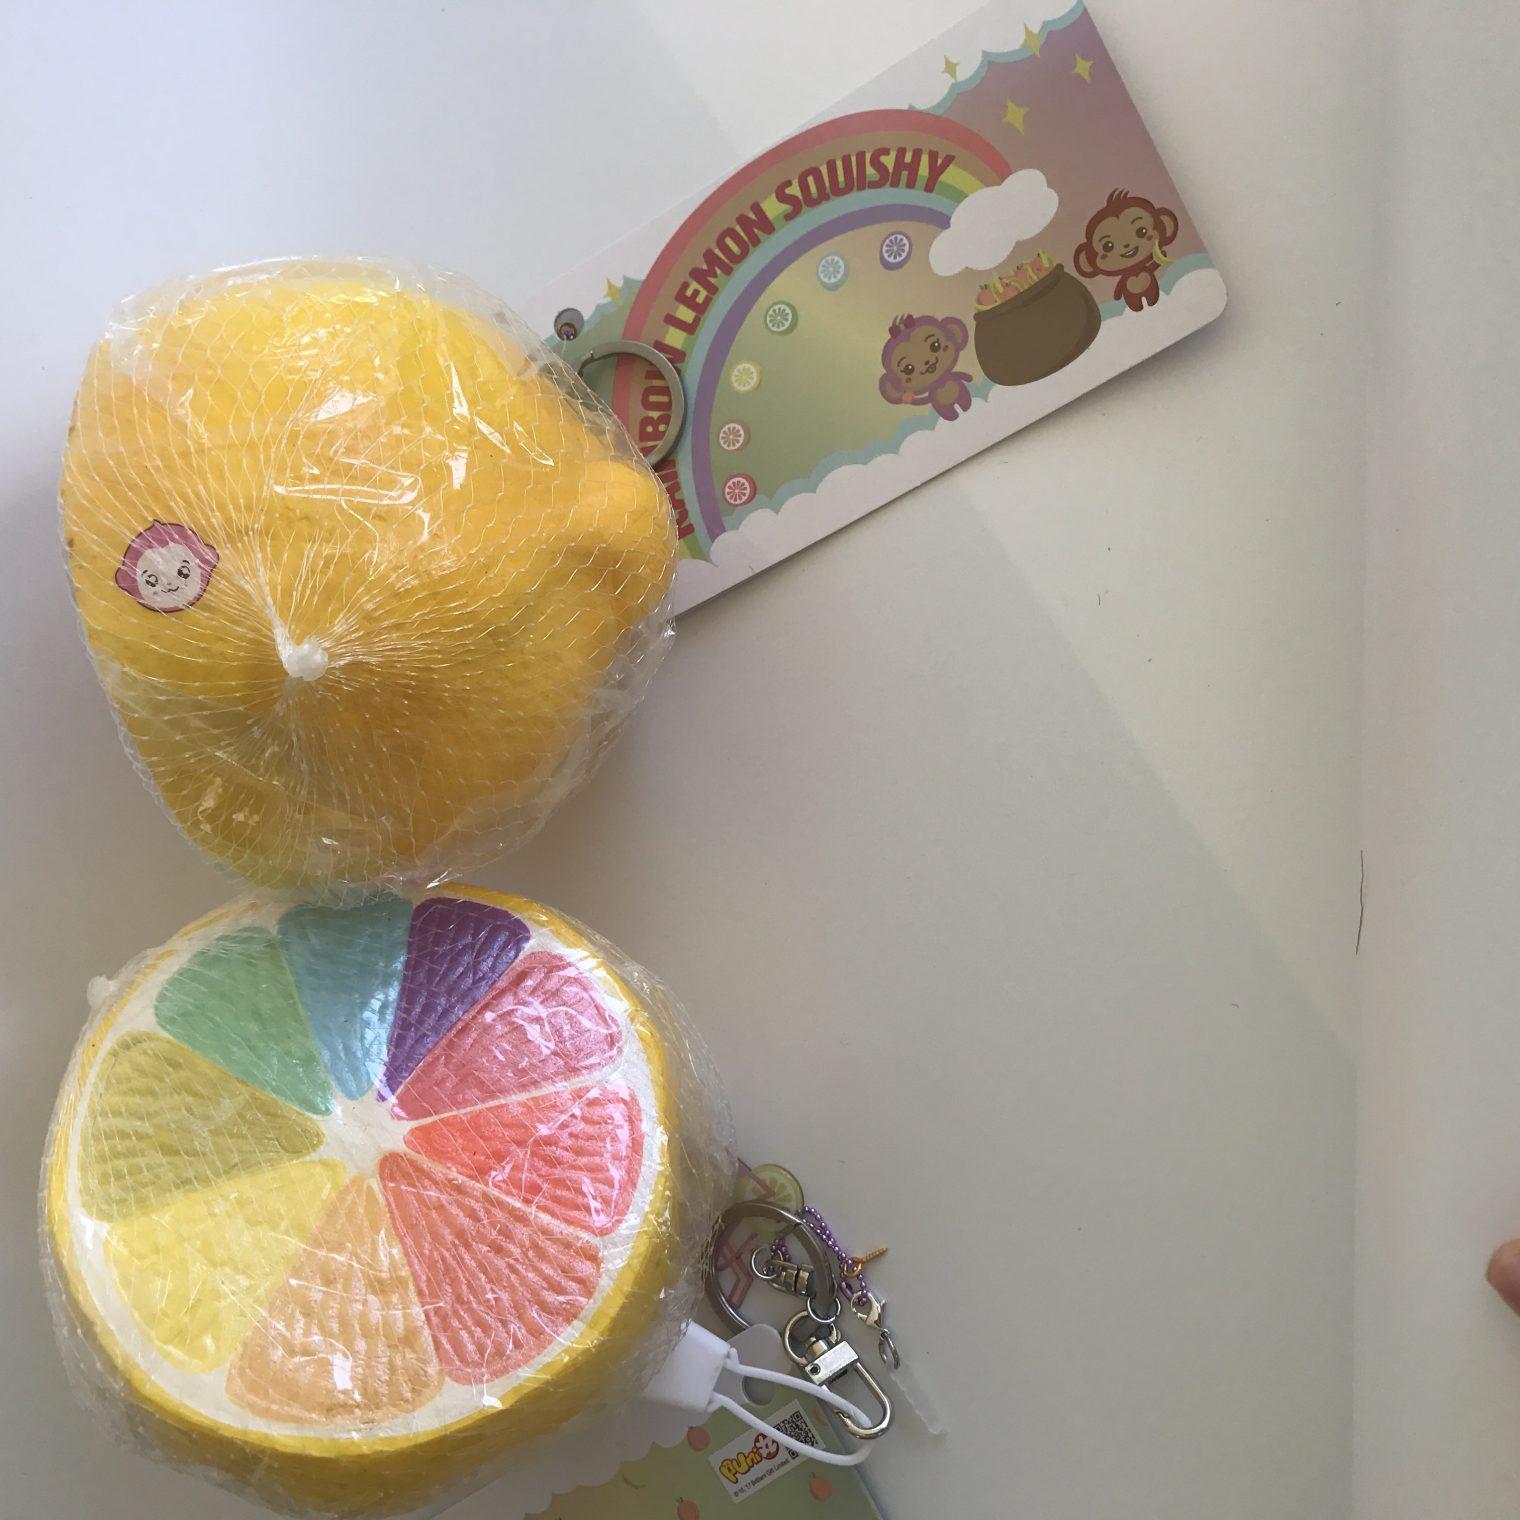 Squishy Licensed Jumbo : Super rare jumbo rainbow lemon squishy! *puni Maru licensed